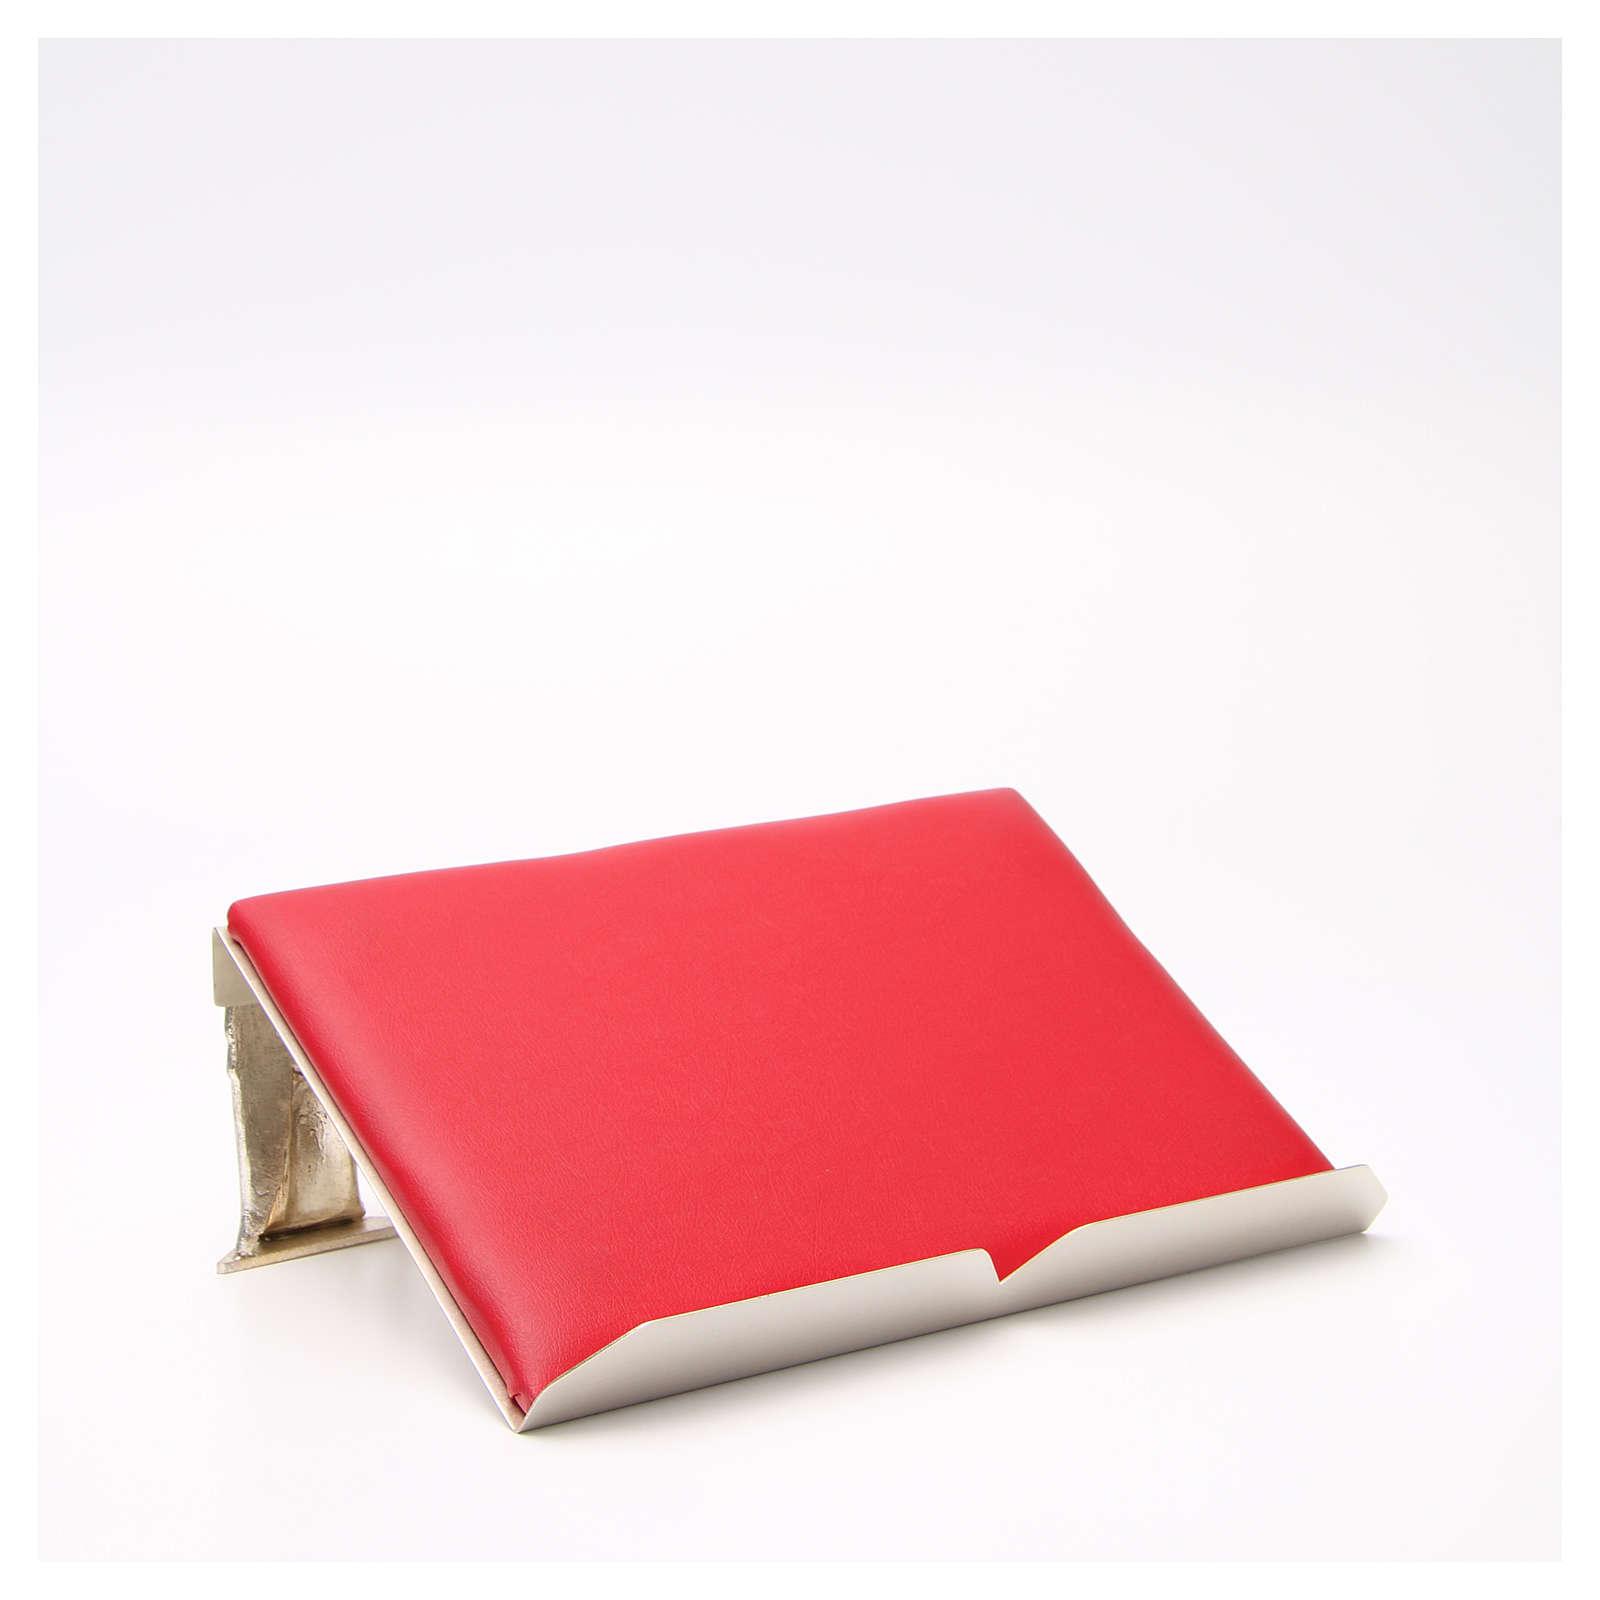 Leggio da mensa cuscinetto decorazioni ottone 4